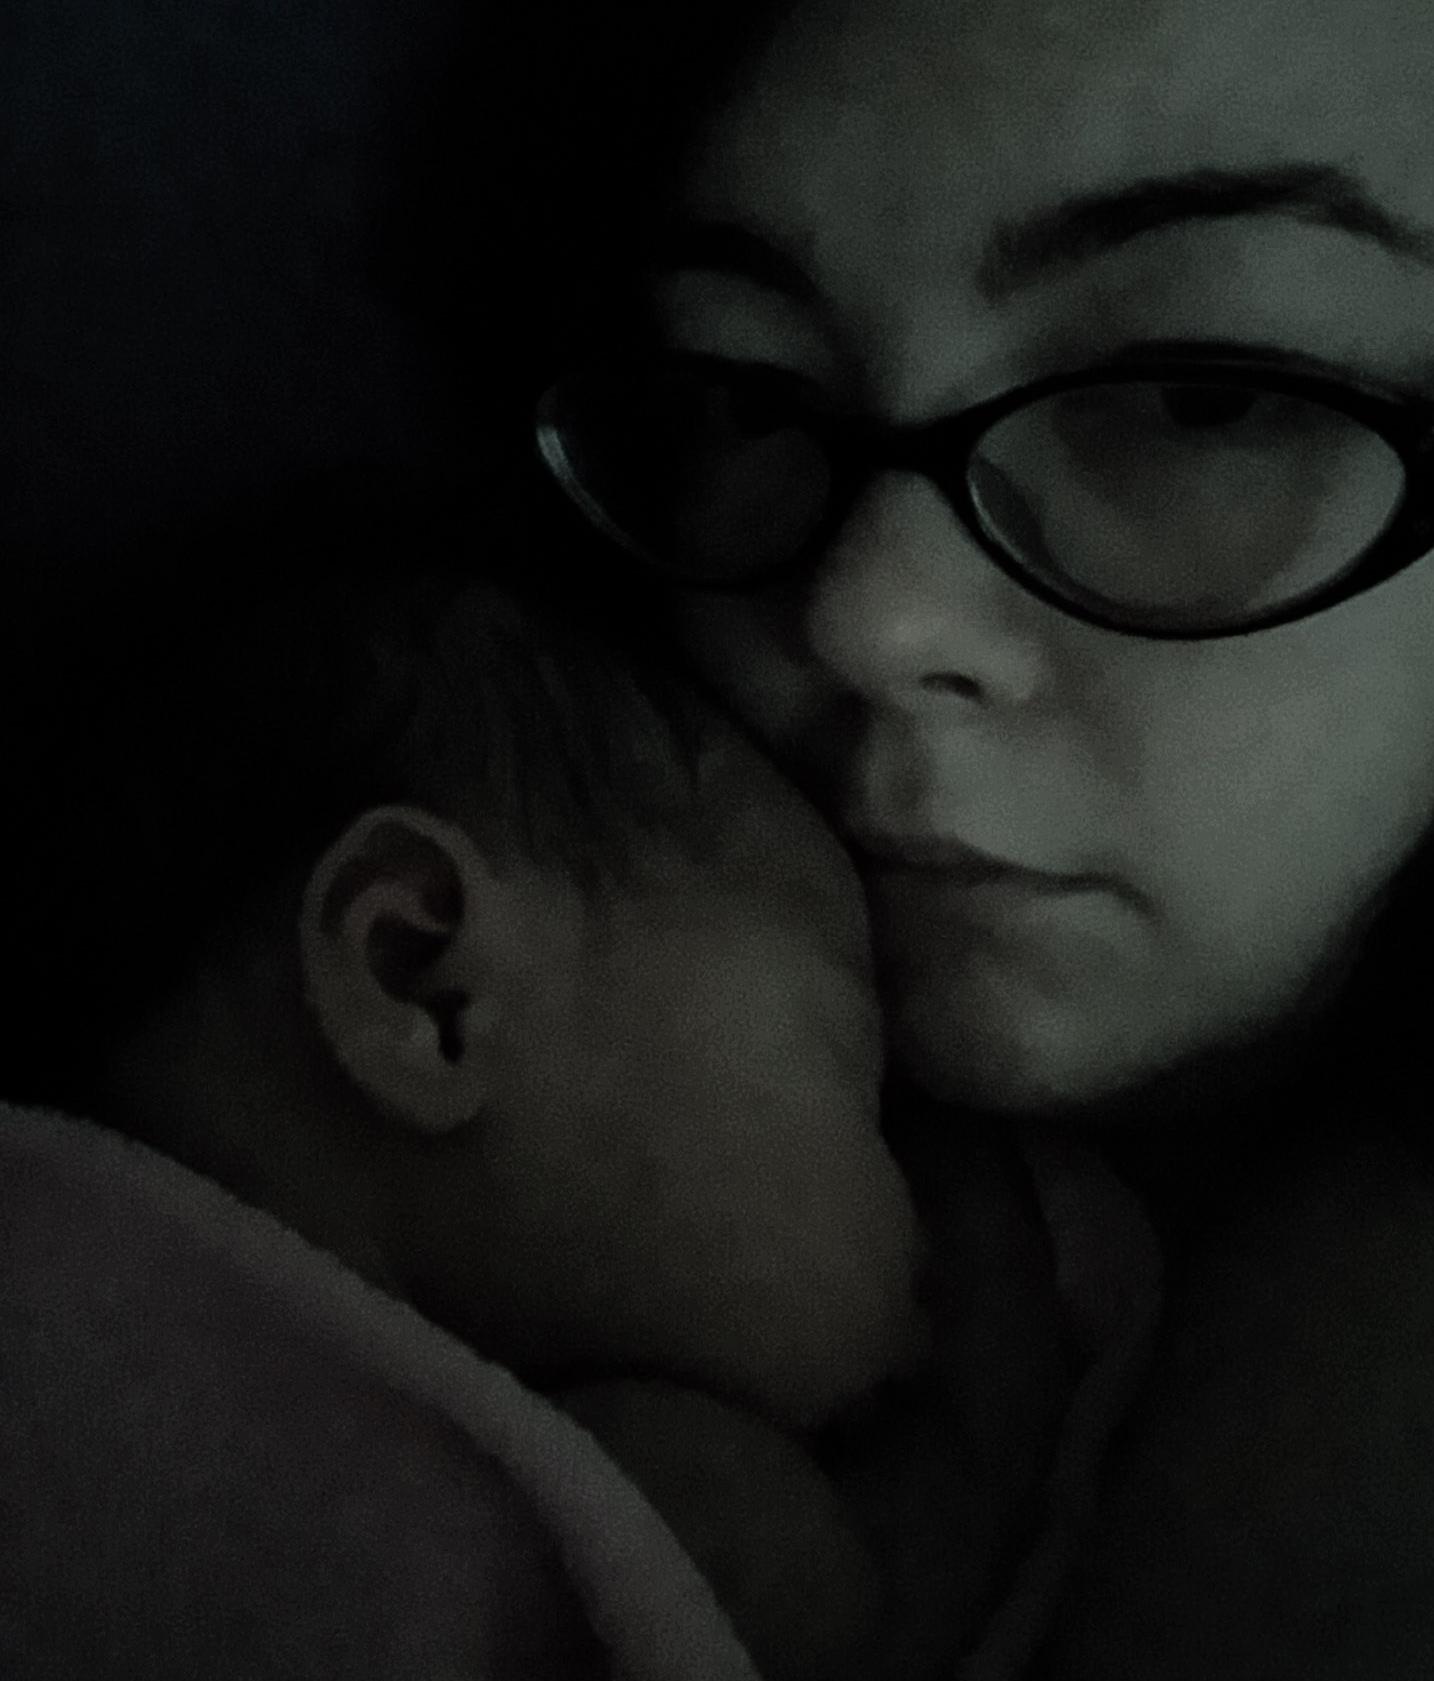 postpartum-depression-darkness-reach-out